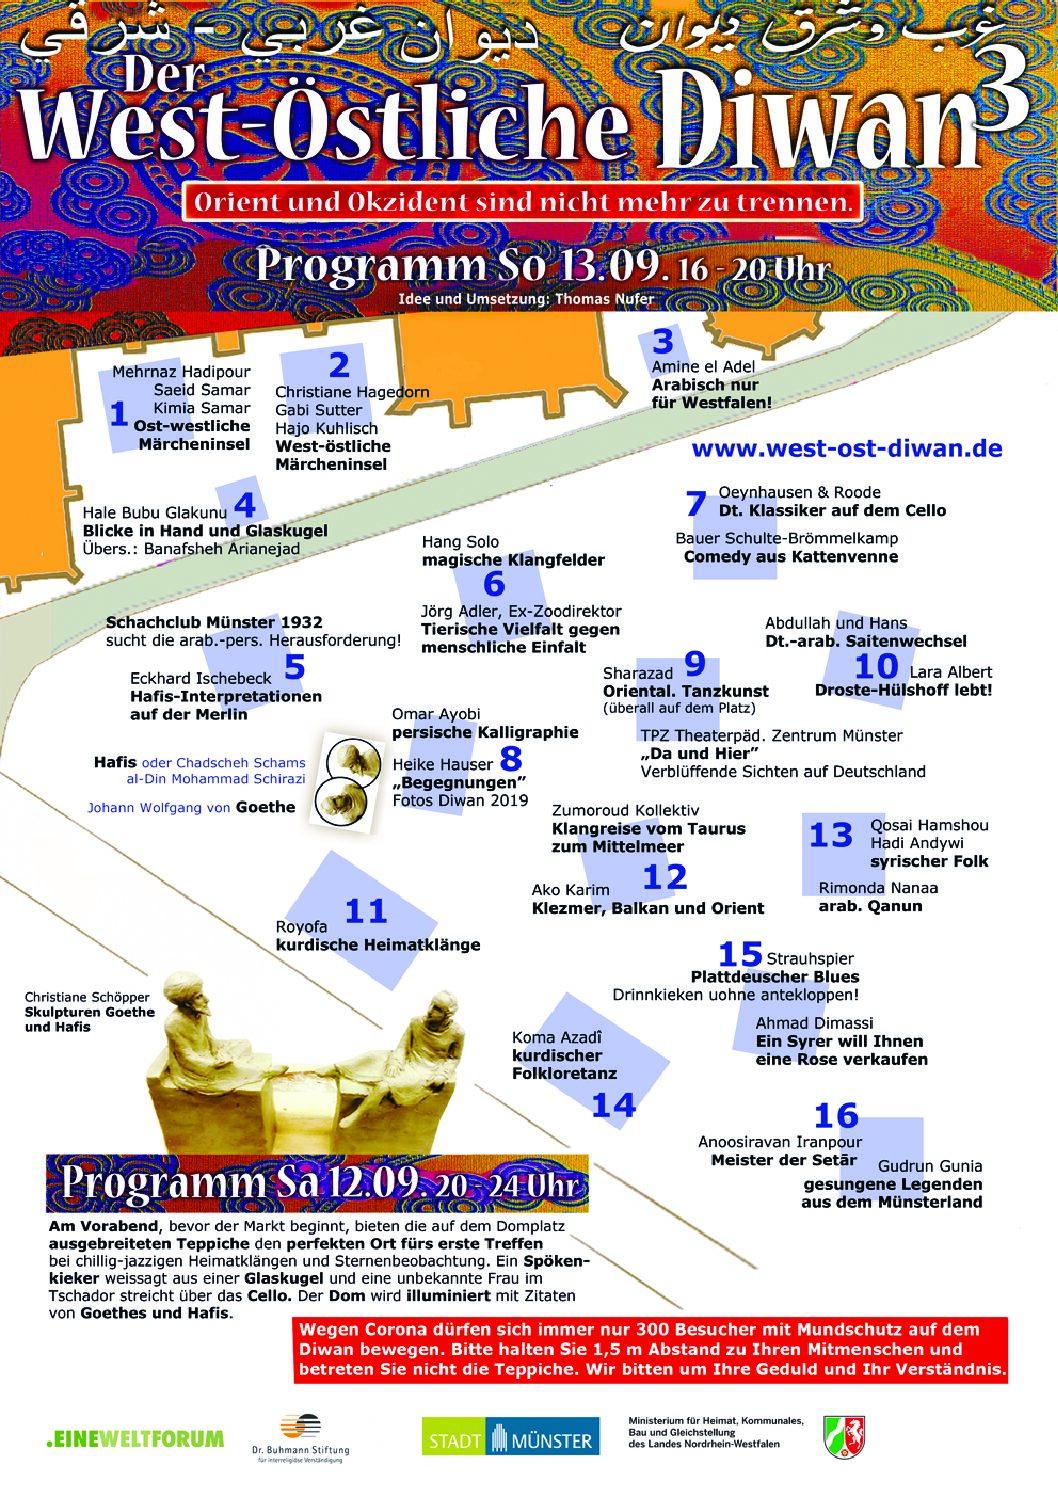 Programm für den West-Östlichen Diwan 2020 veröffentlicht